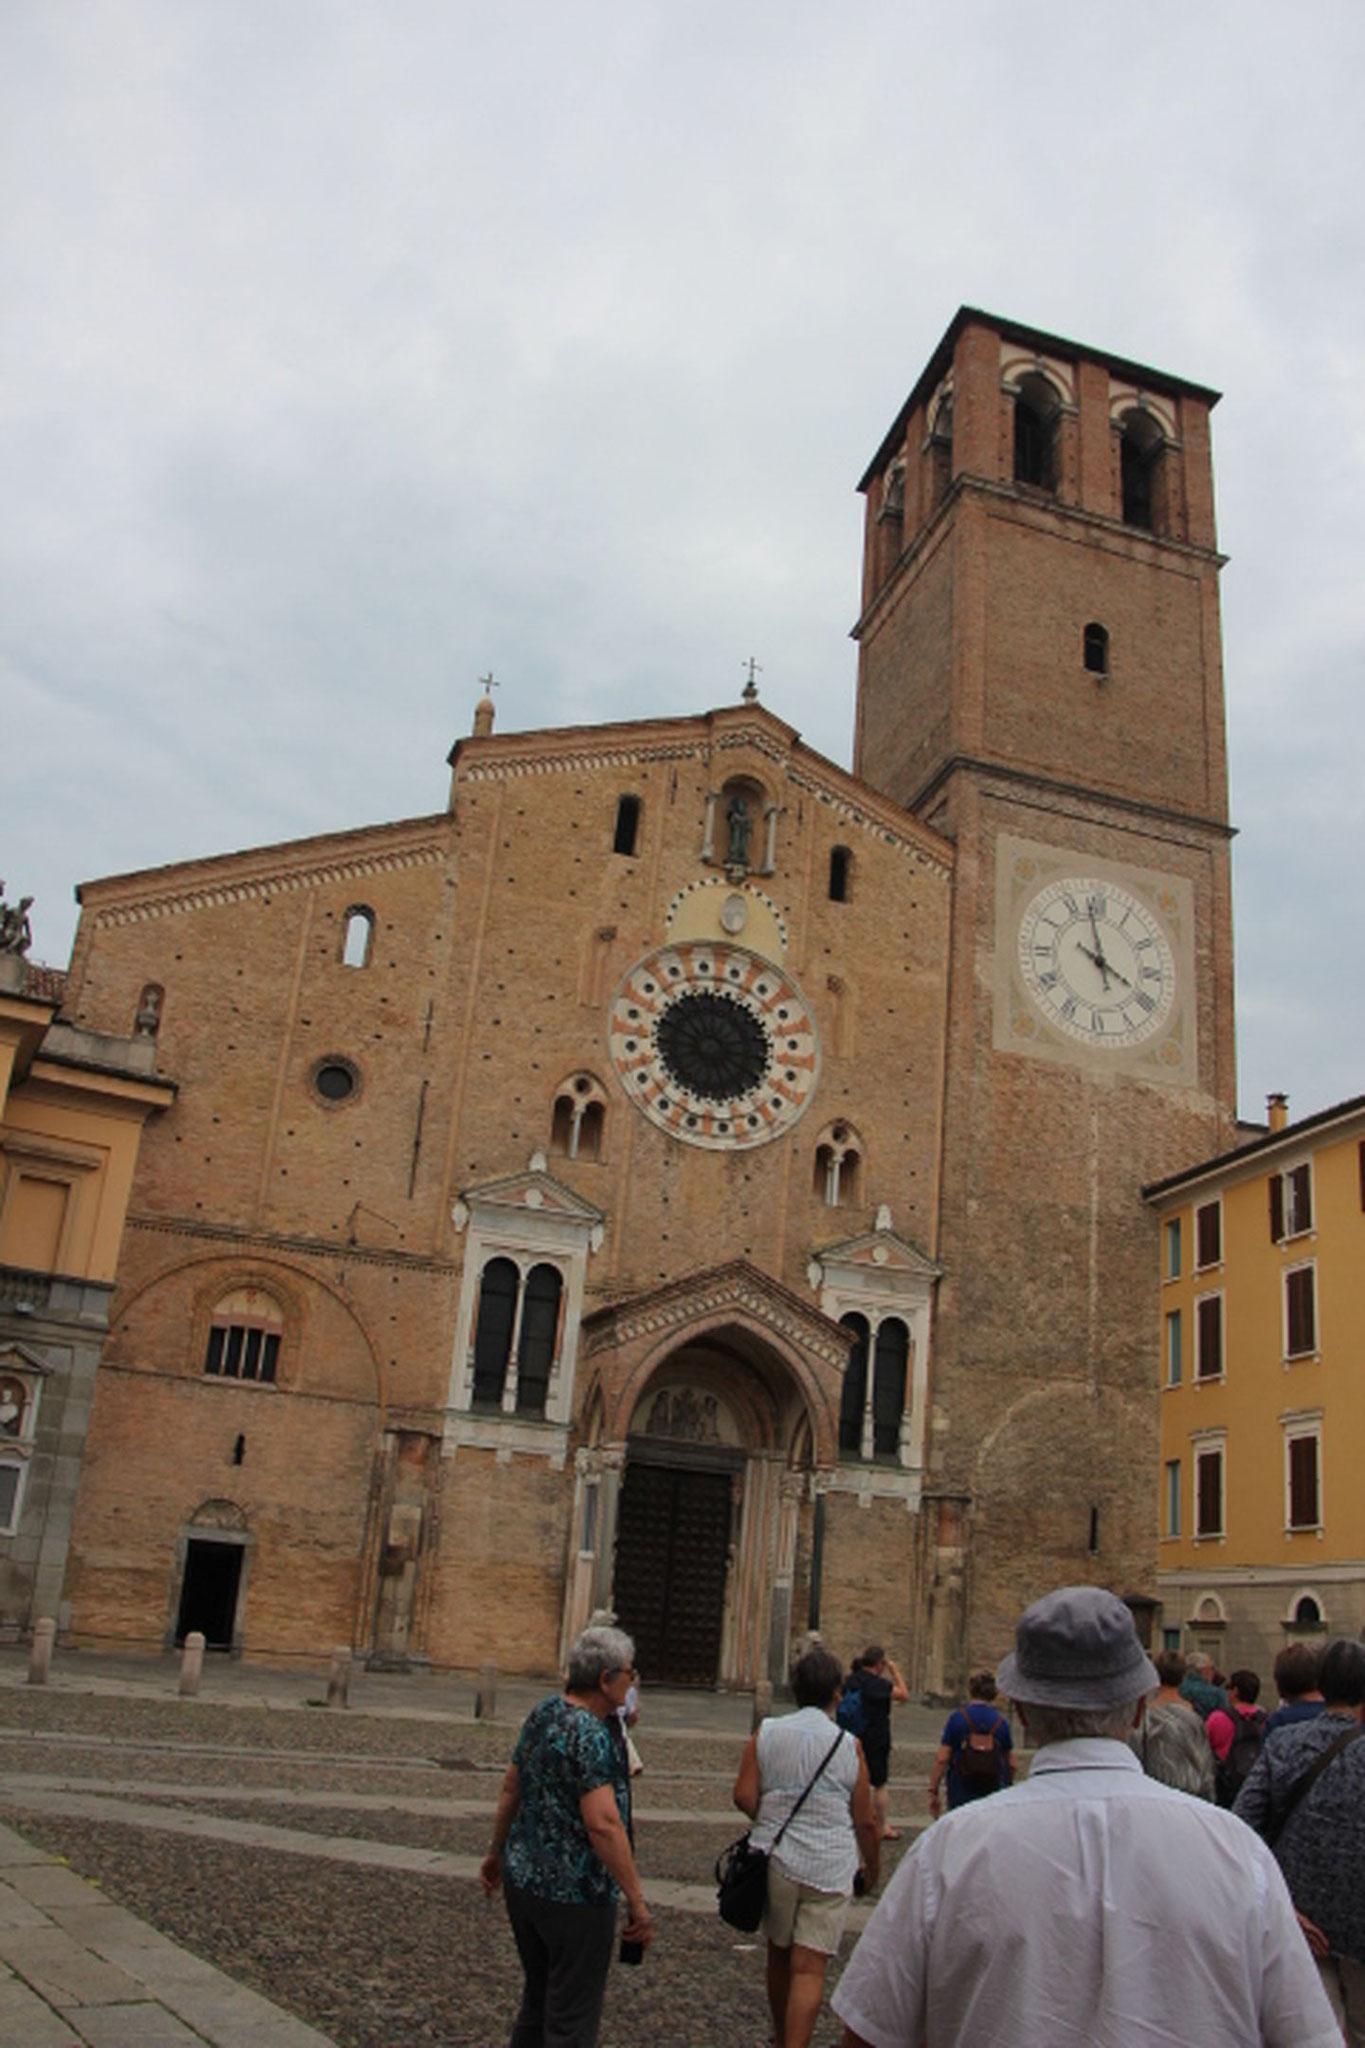 Eglise St-François à Lodi